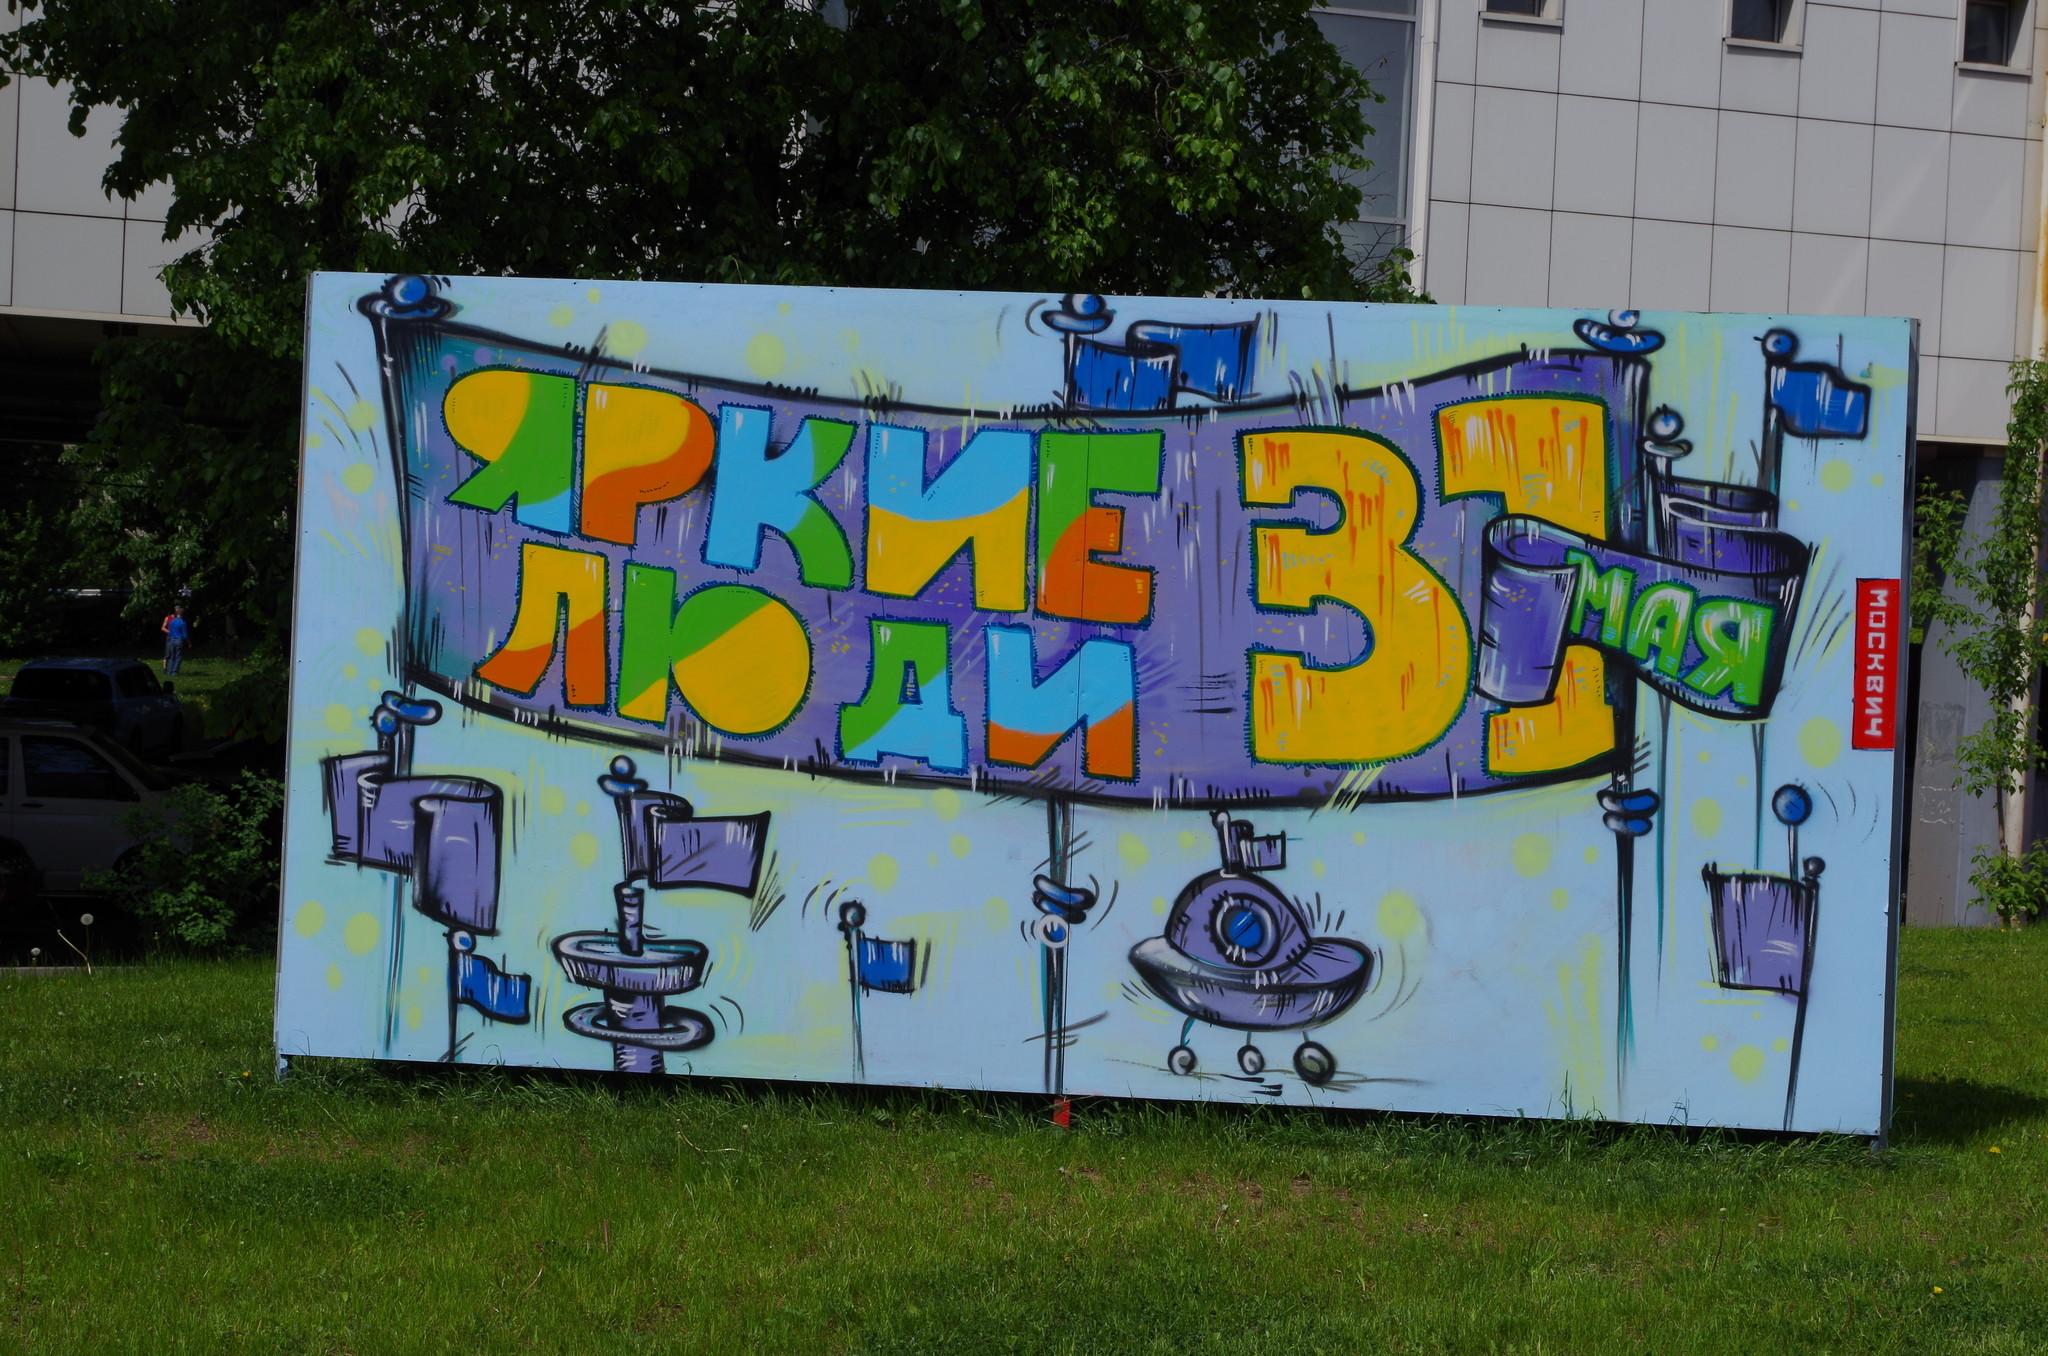 Уличный фестиваль «Яркие люди» в районе Текстильщики